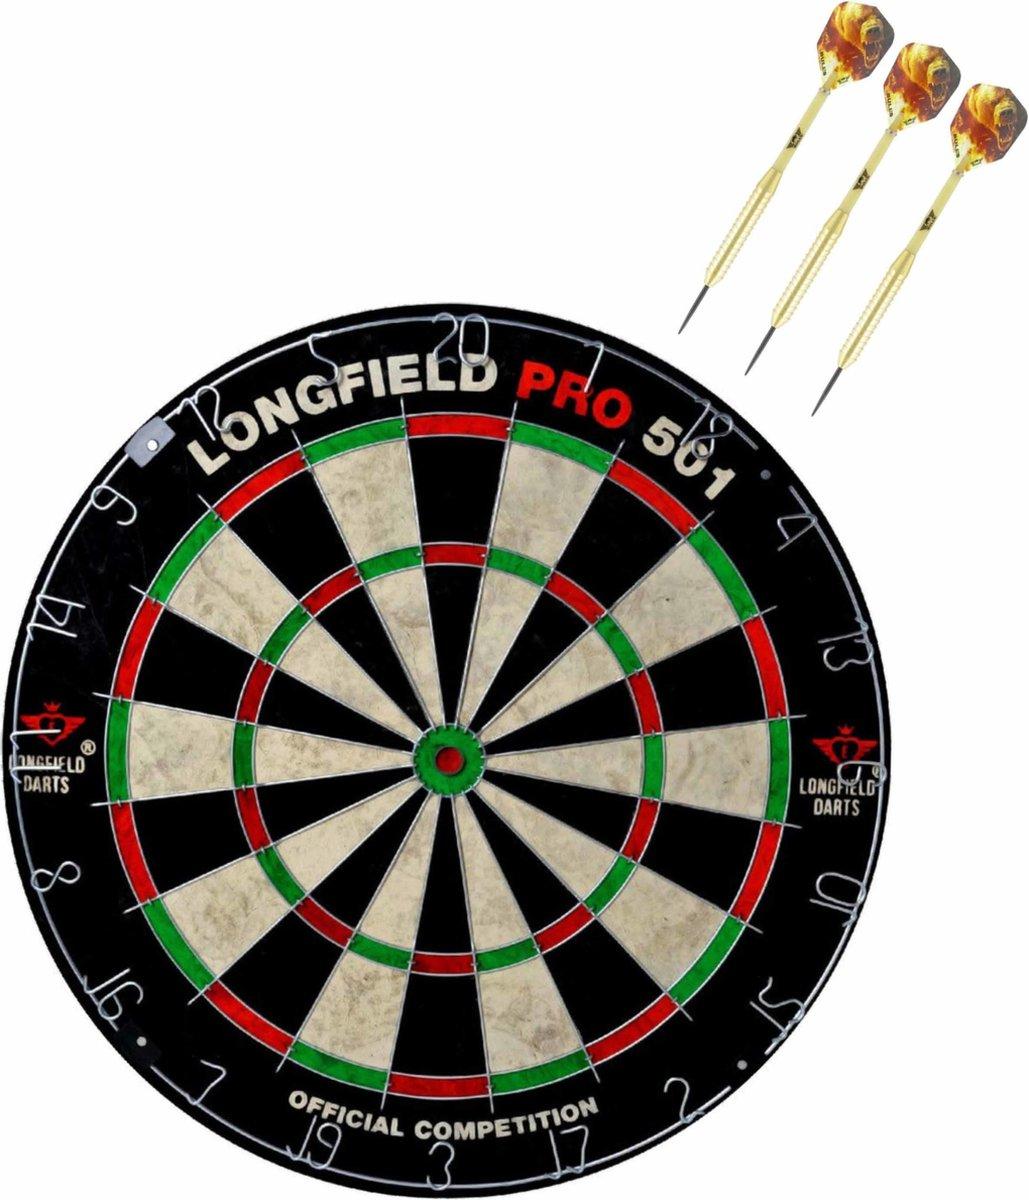 Dartbord set compleet van diameter 45.5 cm met 3x Bulls dartpijlen van 21 gram - Professioneel darten pakket